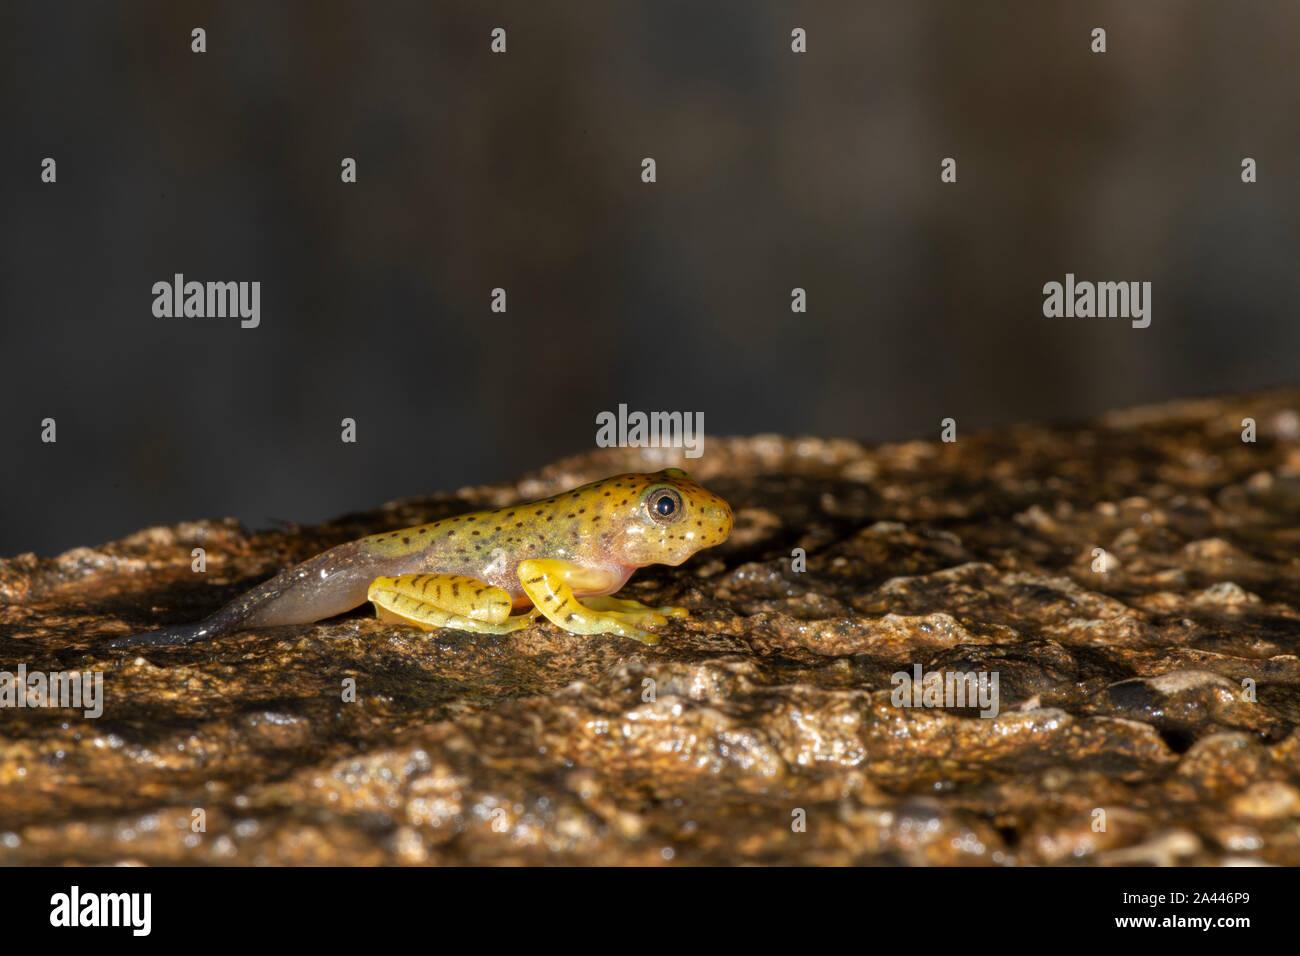 Tadpole of Malabar Gliding Frog seen at Amboli,Maharashtra,India Stock Photo